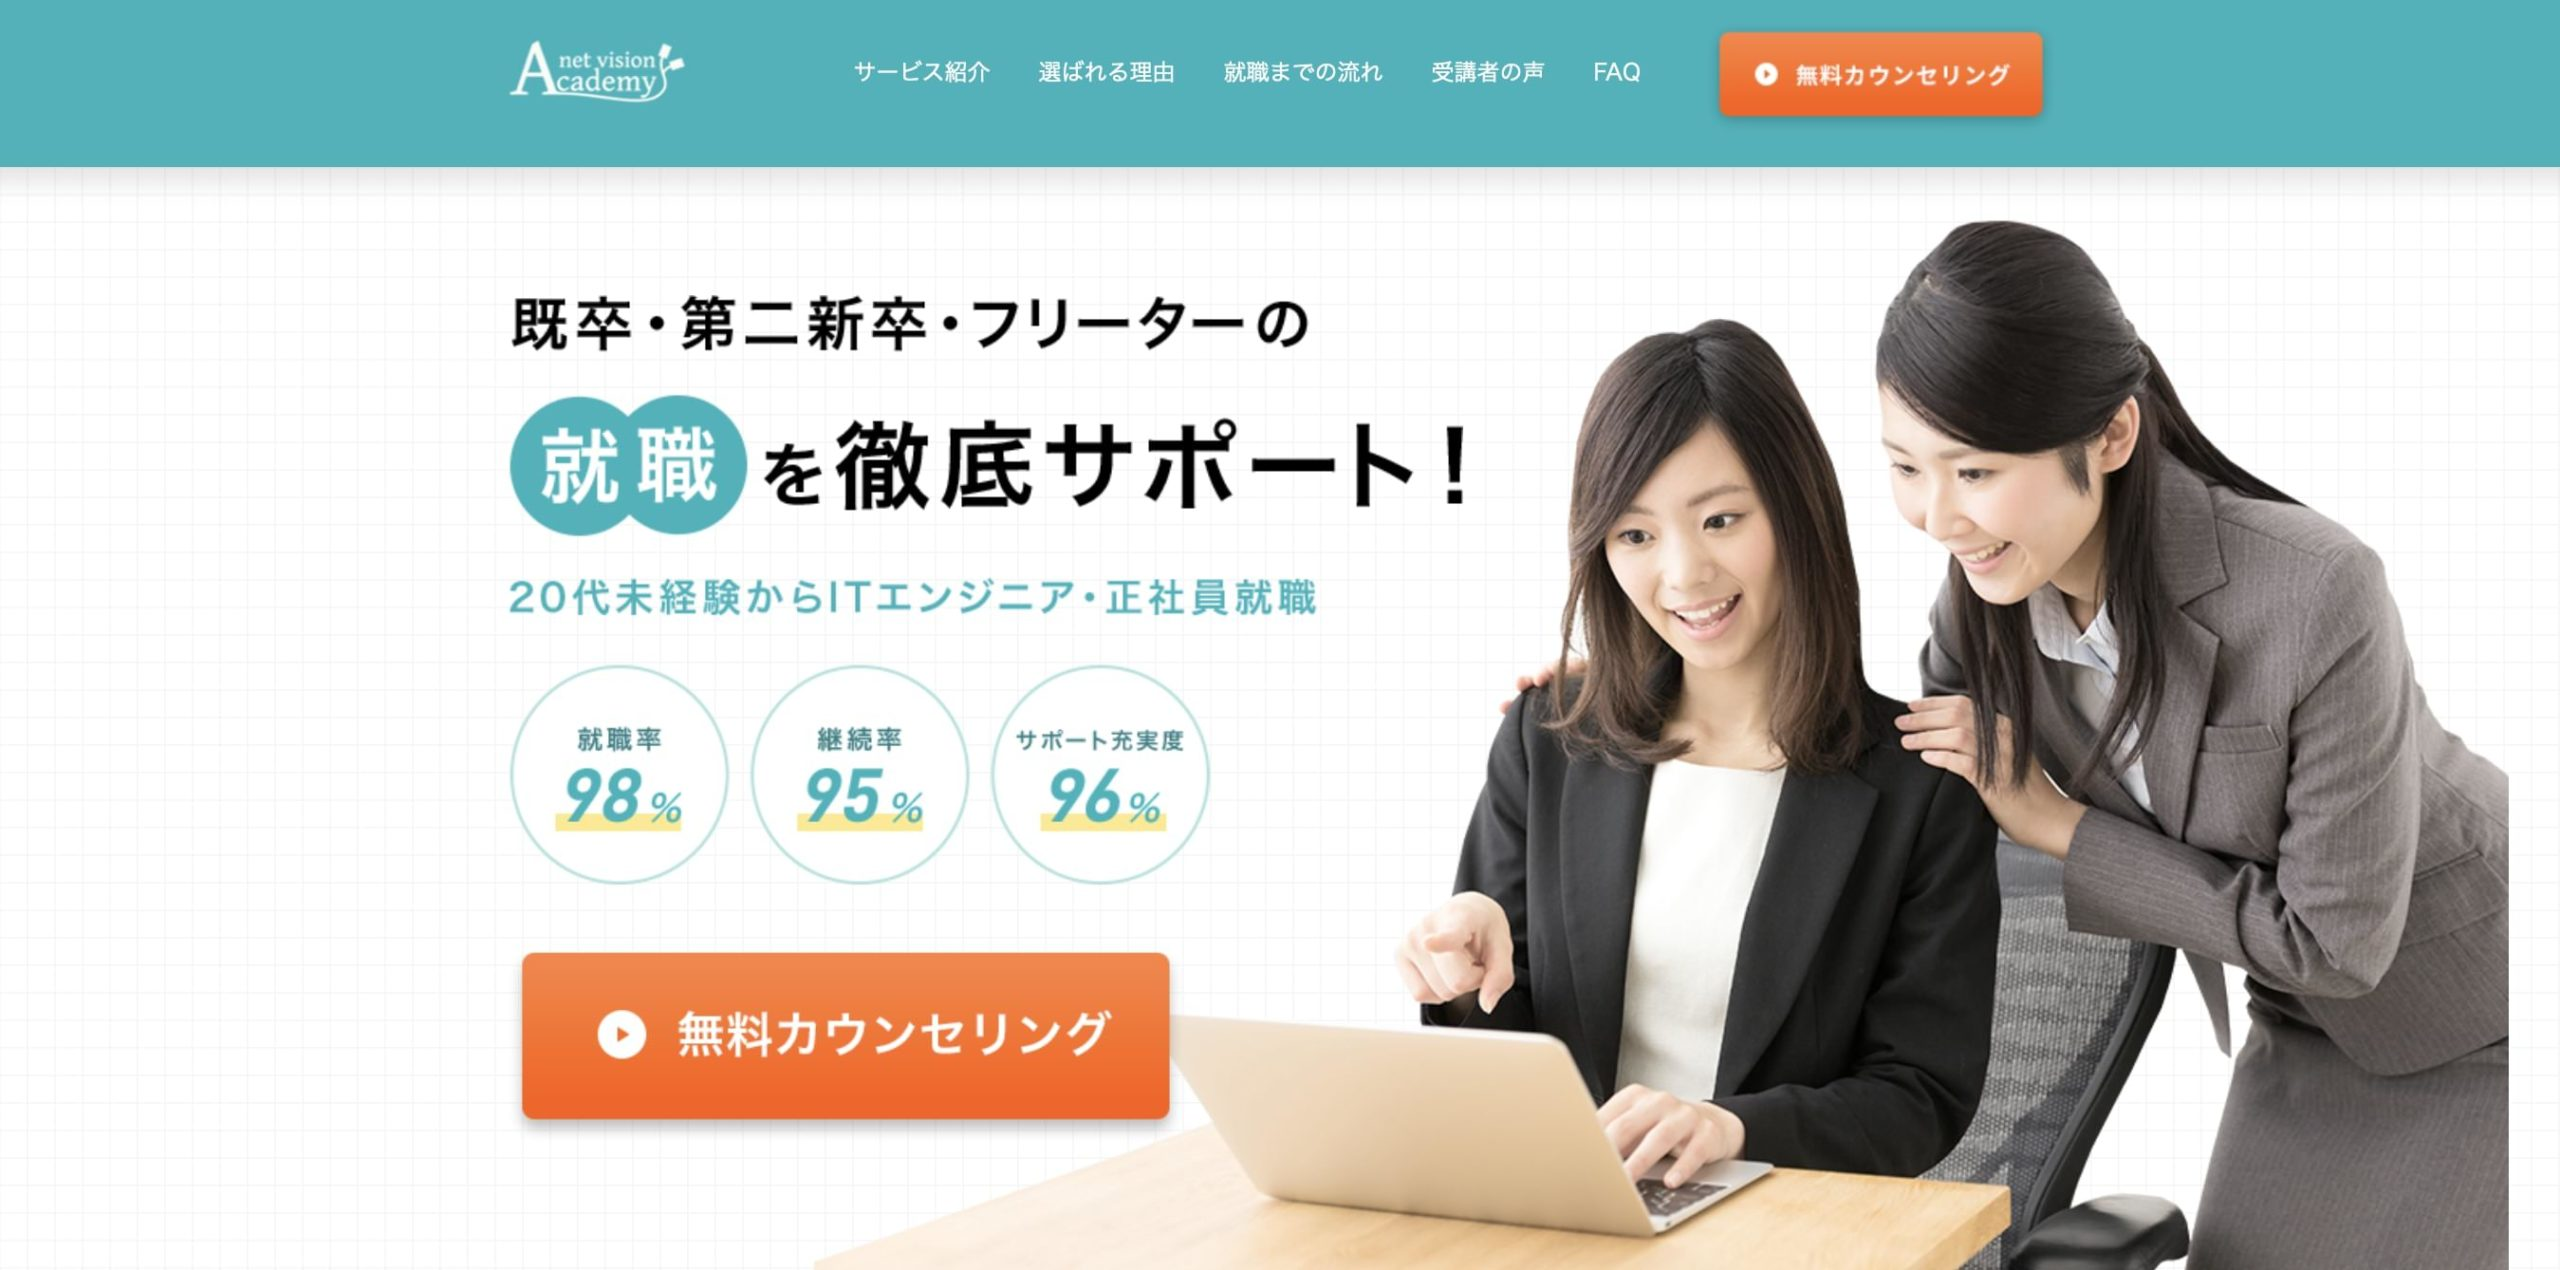 ネットビジョンアカデミーのトップページ